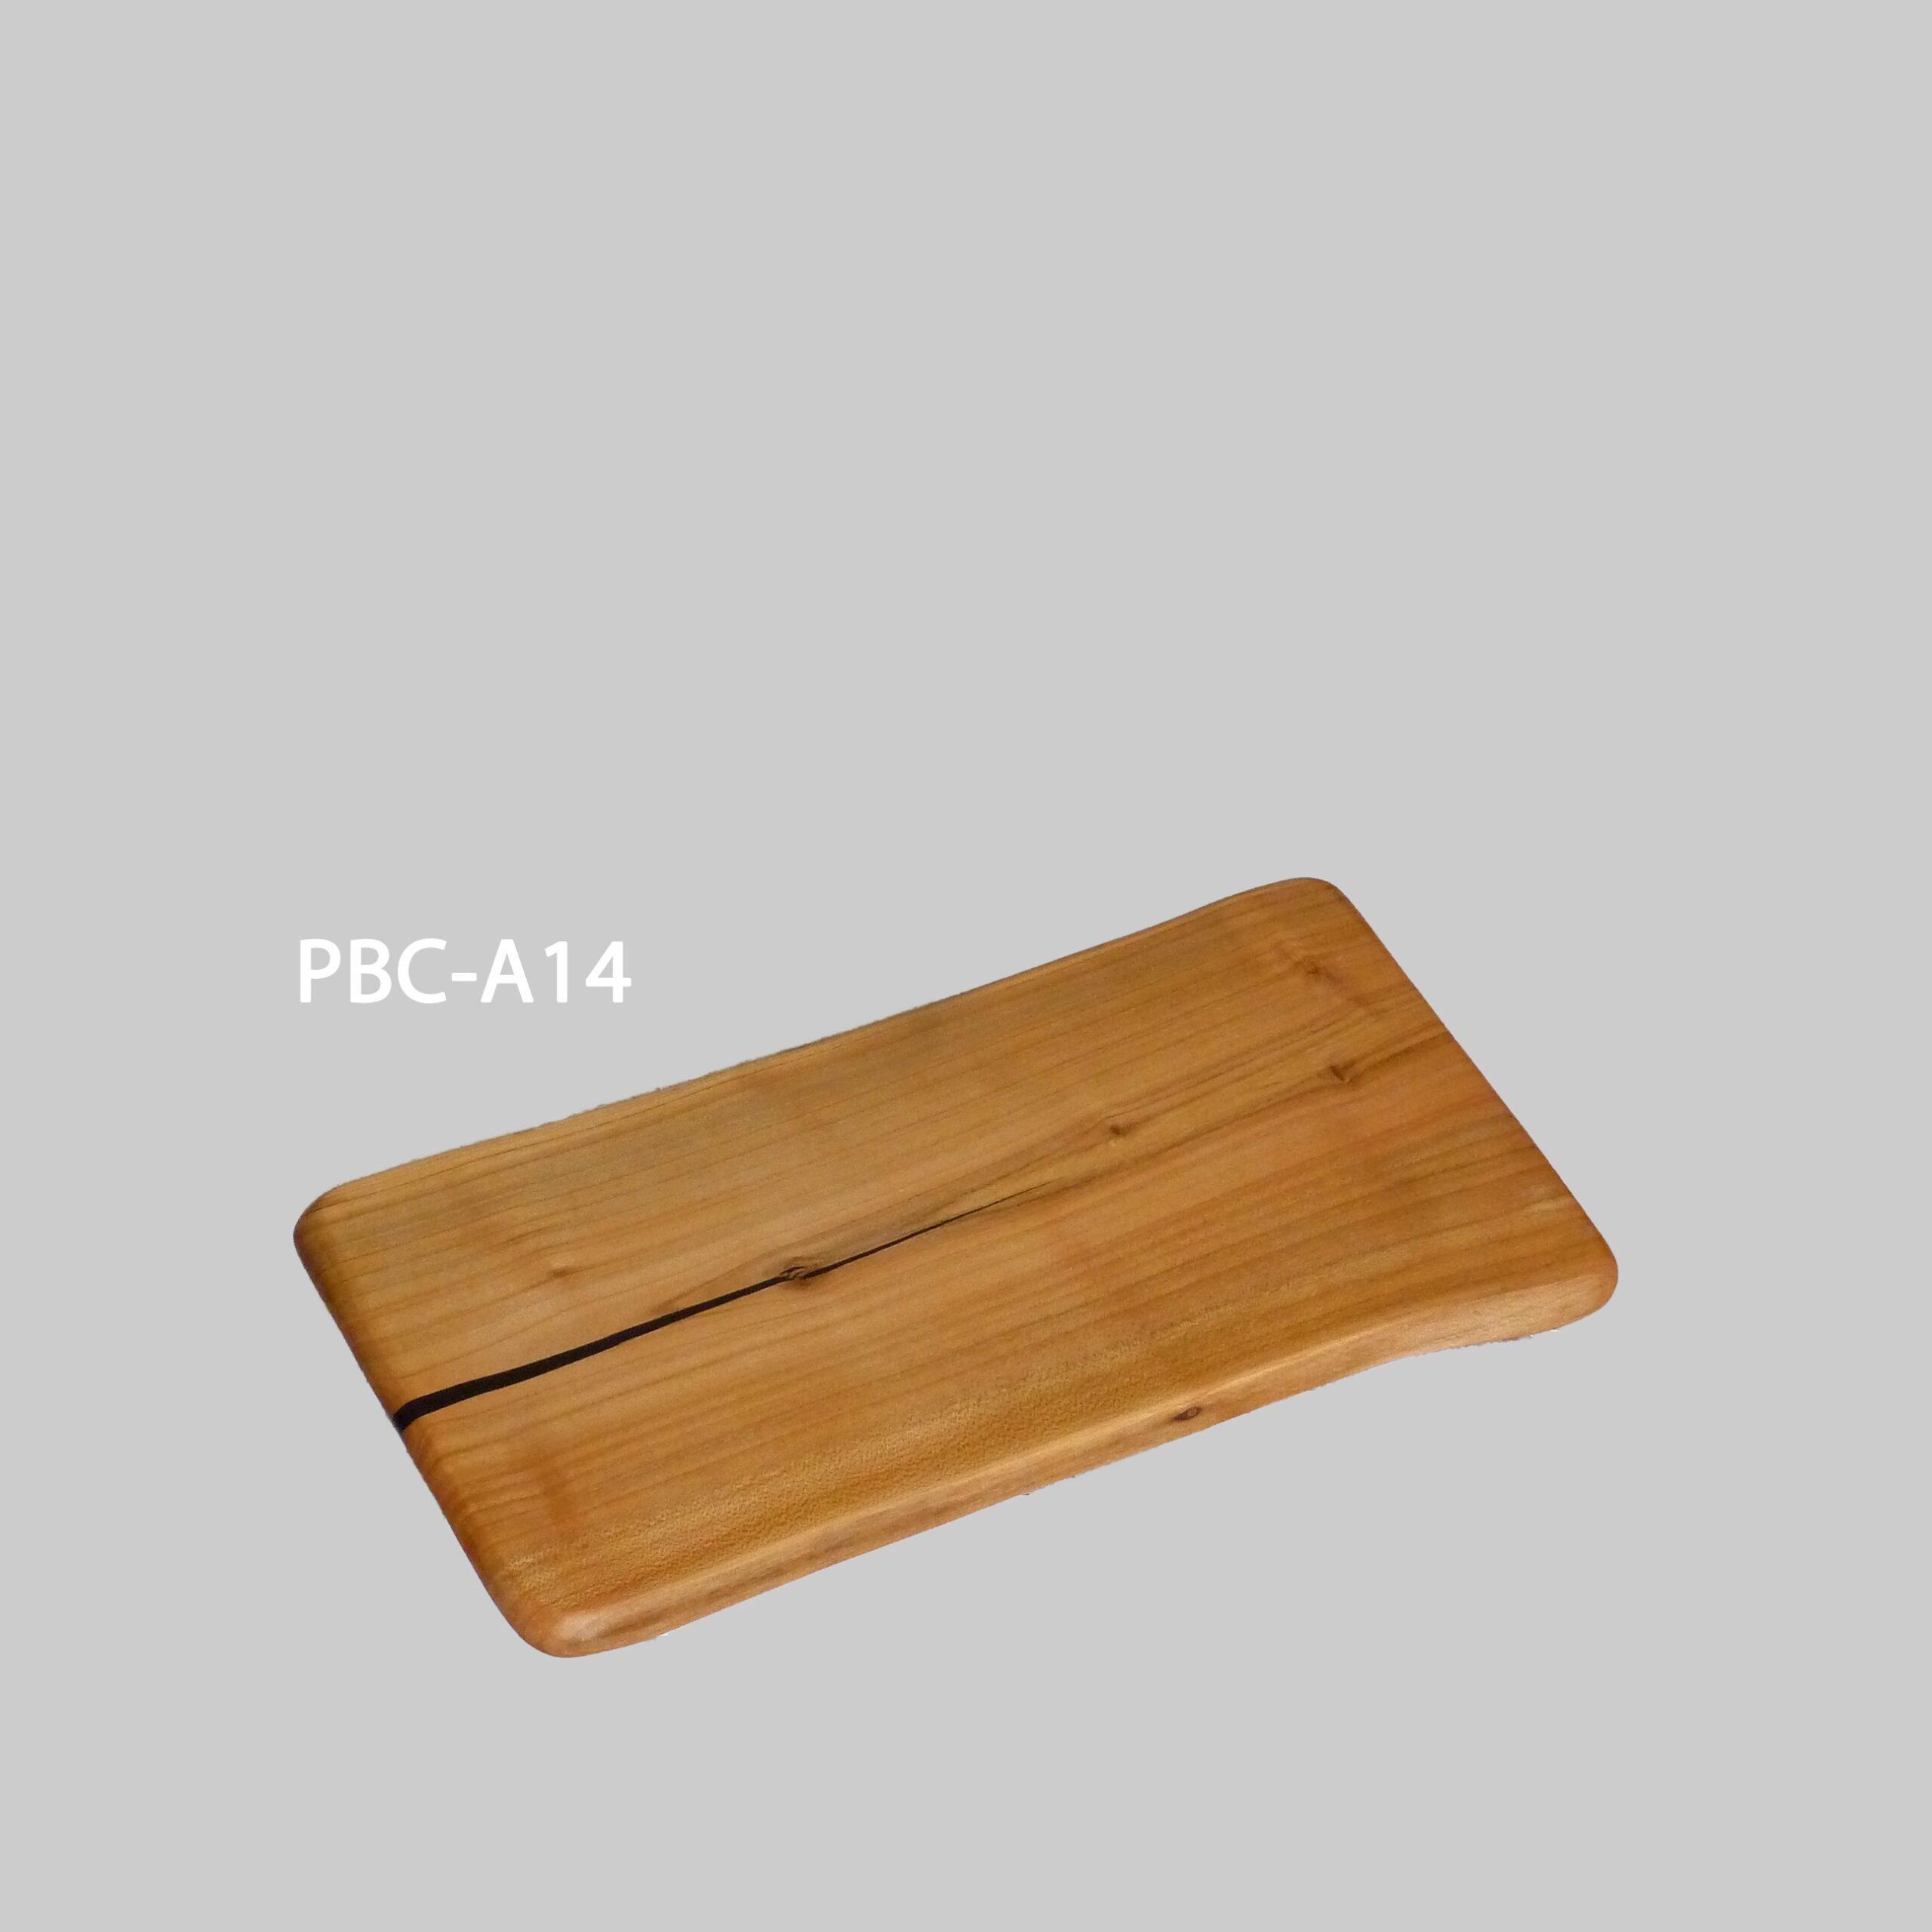 PBC-A14